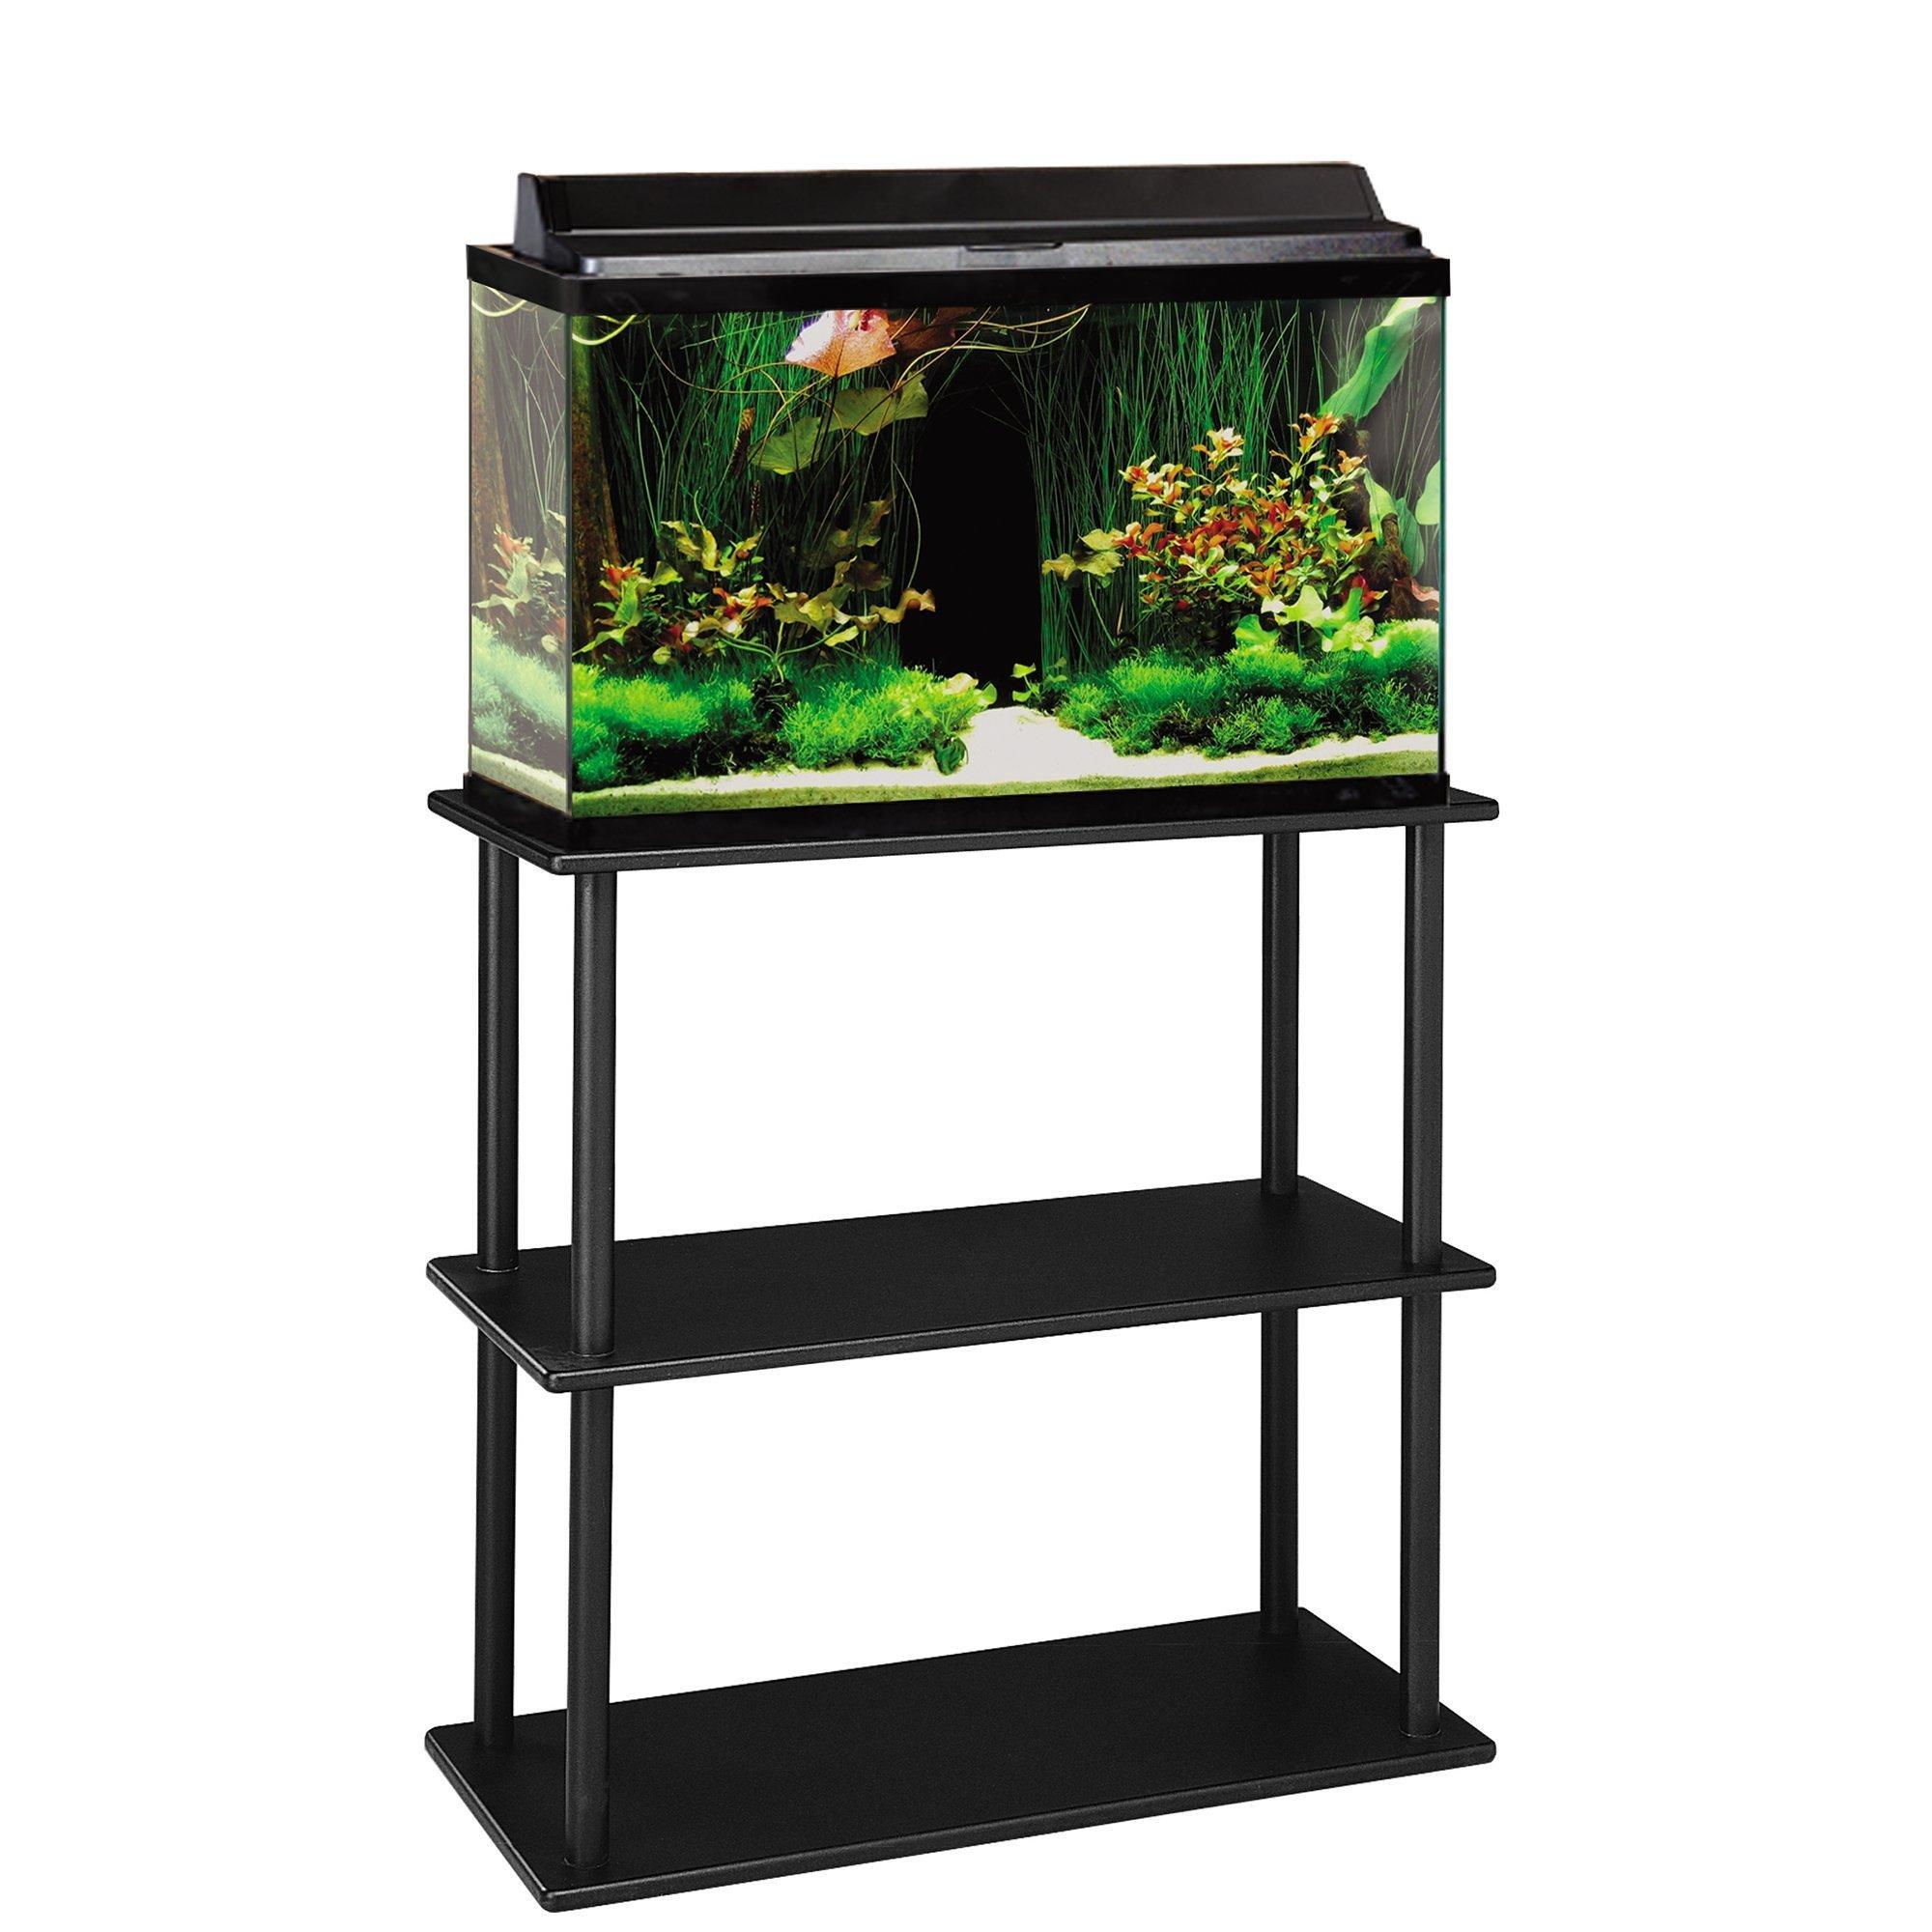 Aquatic Fundamentals 20/29/37 Gallon Aquarium Stand with Shelf